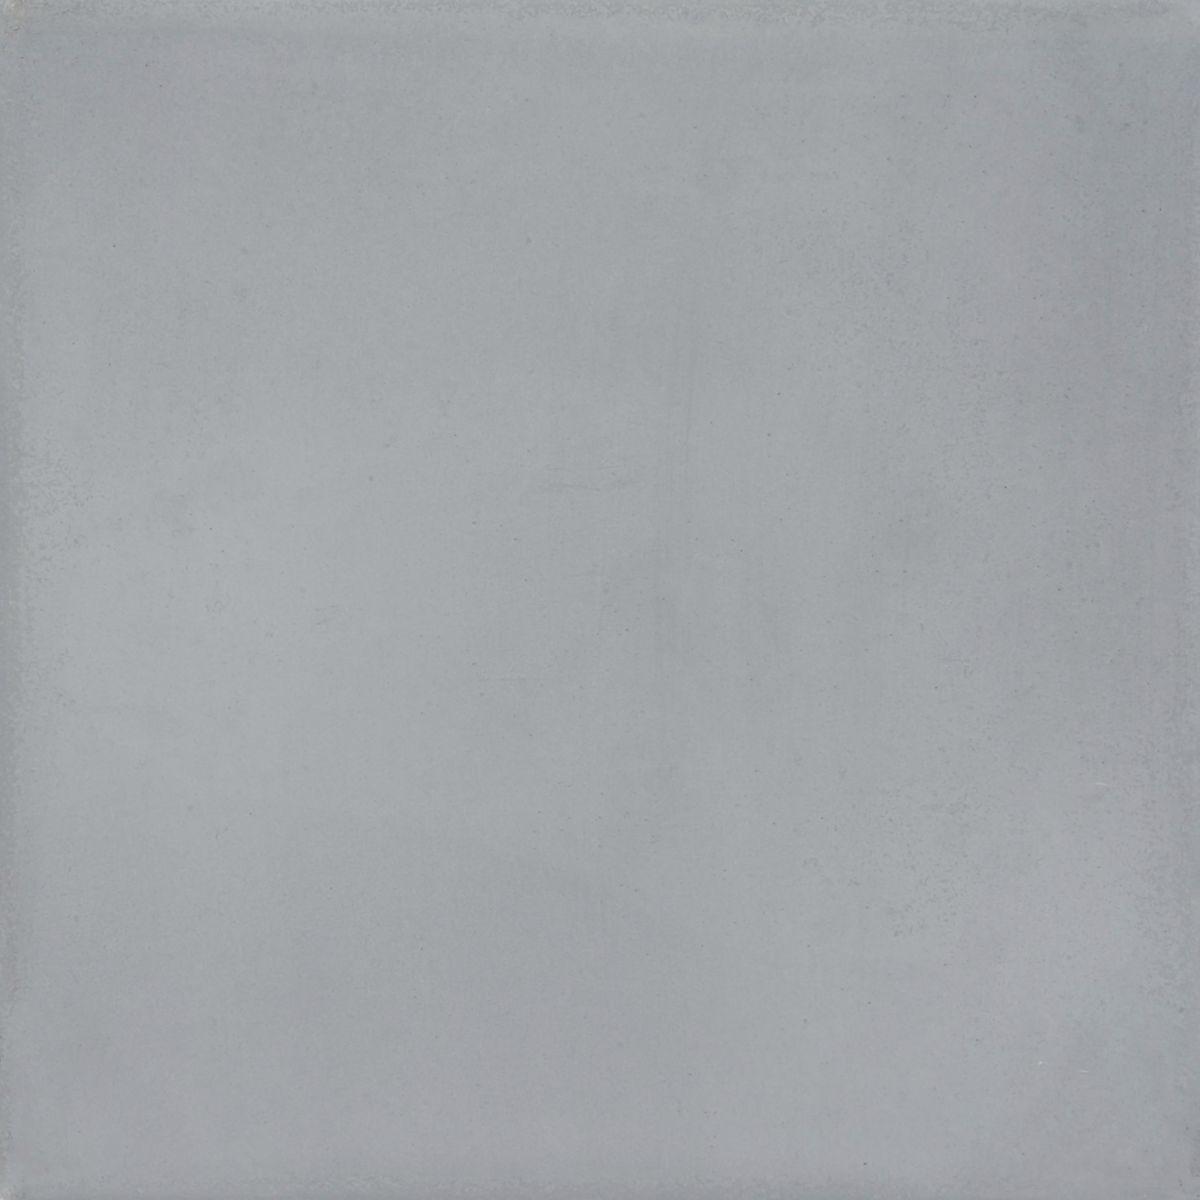 Carreau de ciment uni CIGR02 - gris foncé - 20x20 cm - ép. 1,6 cm